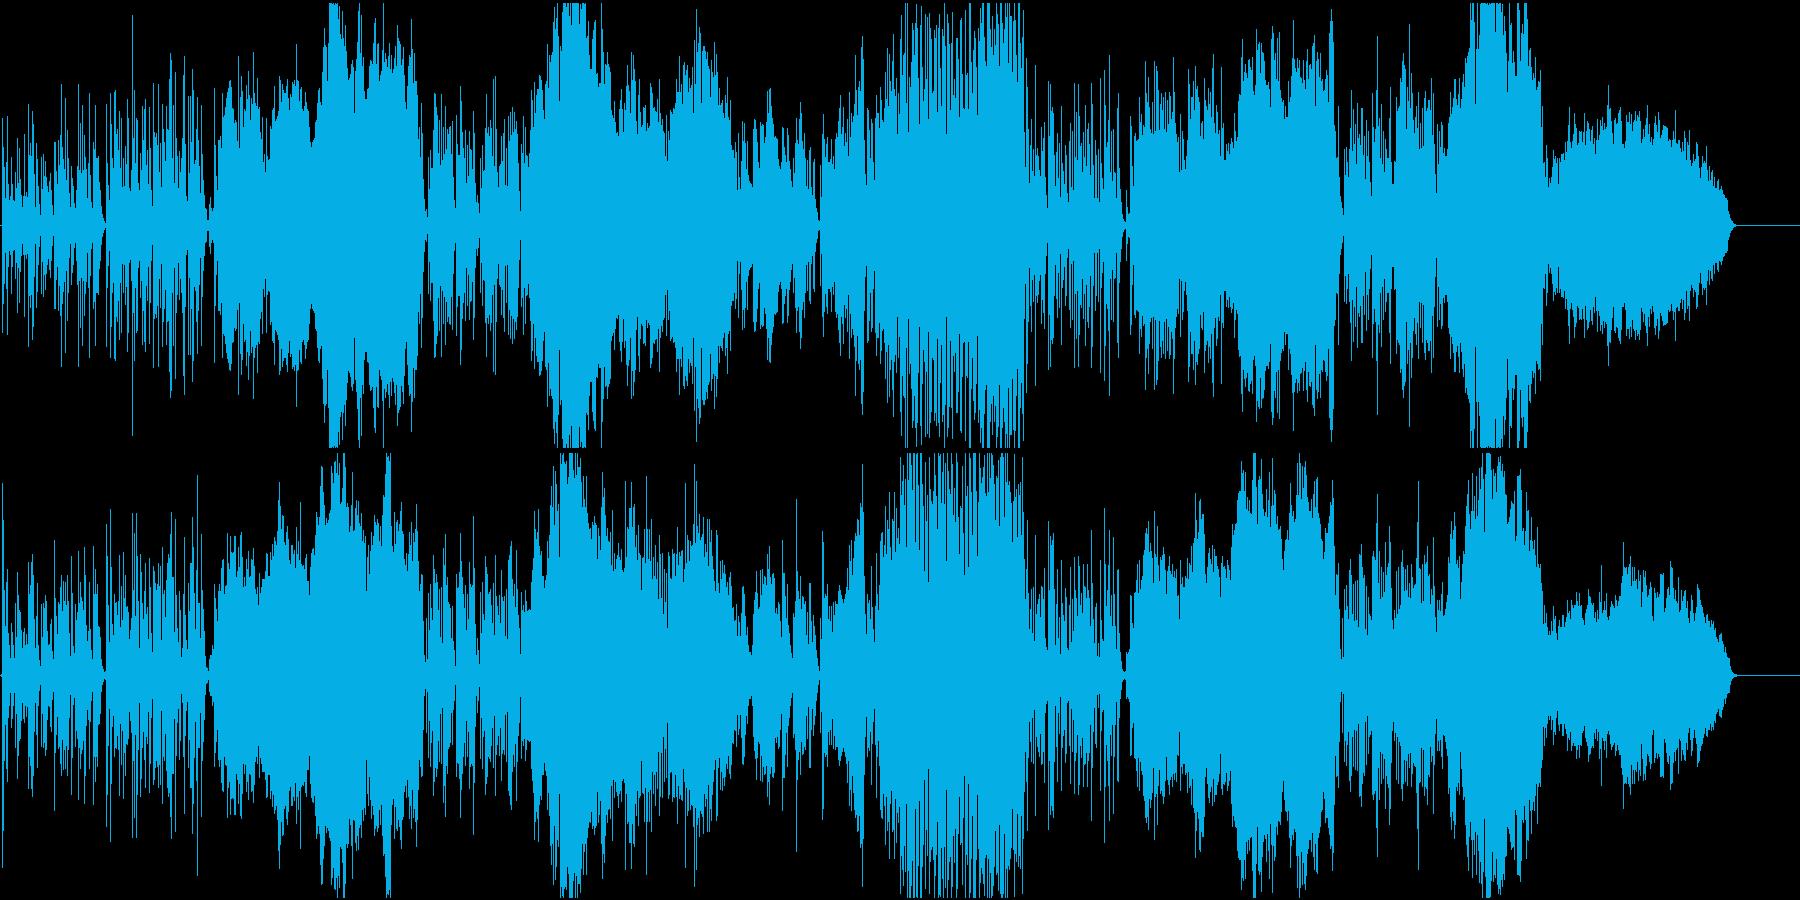 可愛らしくのどかなオーケストラの再生済みの波形